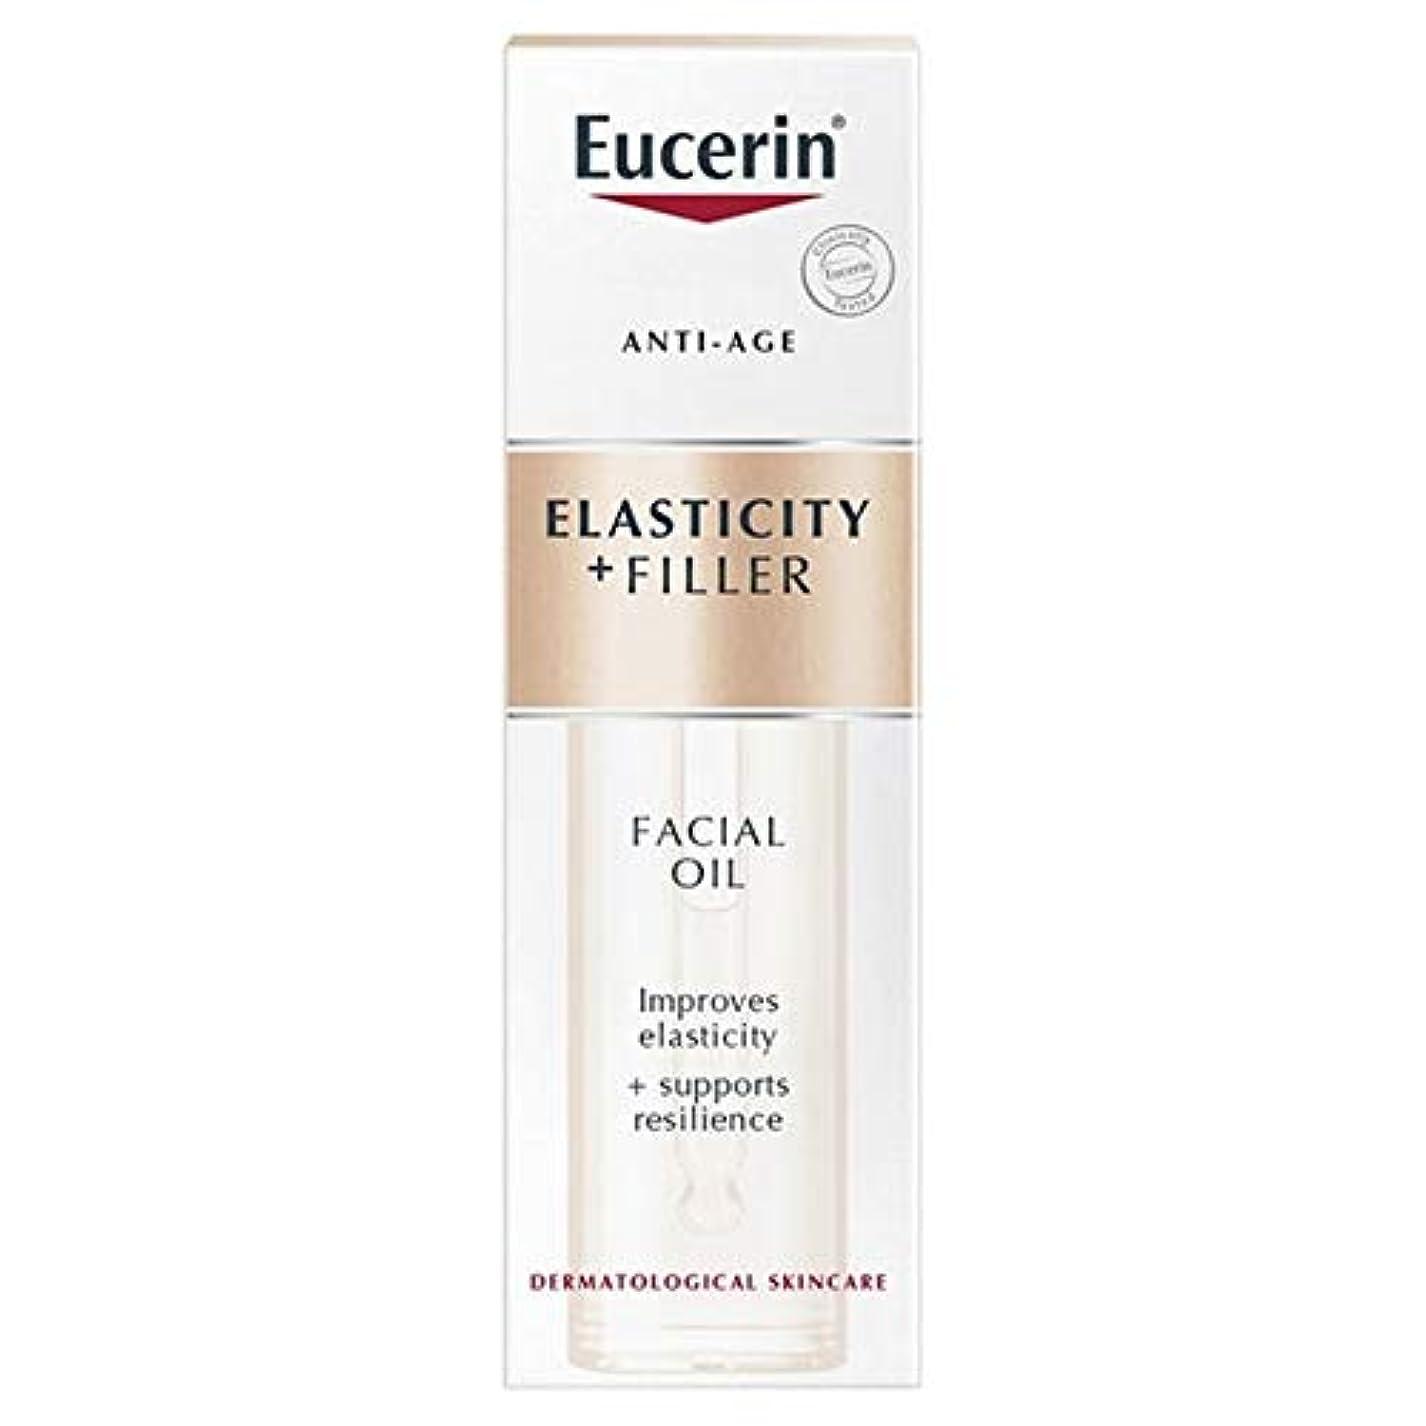 頬骨勉強する価値のない[Eucerin ] ユーセリン抗年齢の弾力+フィラーフェイシャルオイル30ミリリットル - Eucerin Anti-Age Elasticity + Filler Facial Oil 30ml [並行輸入品]